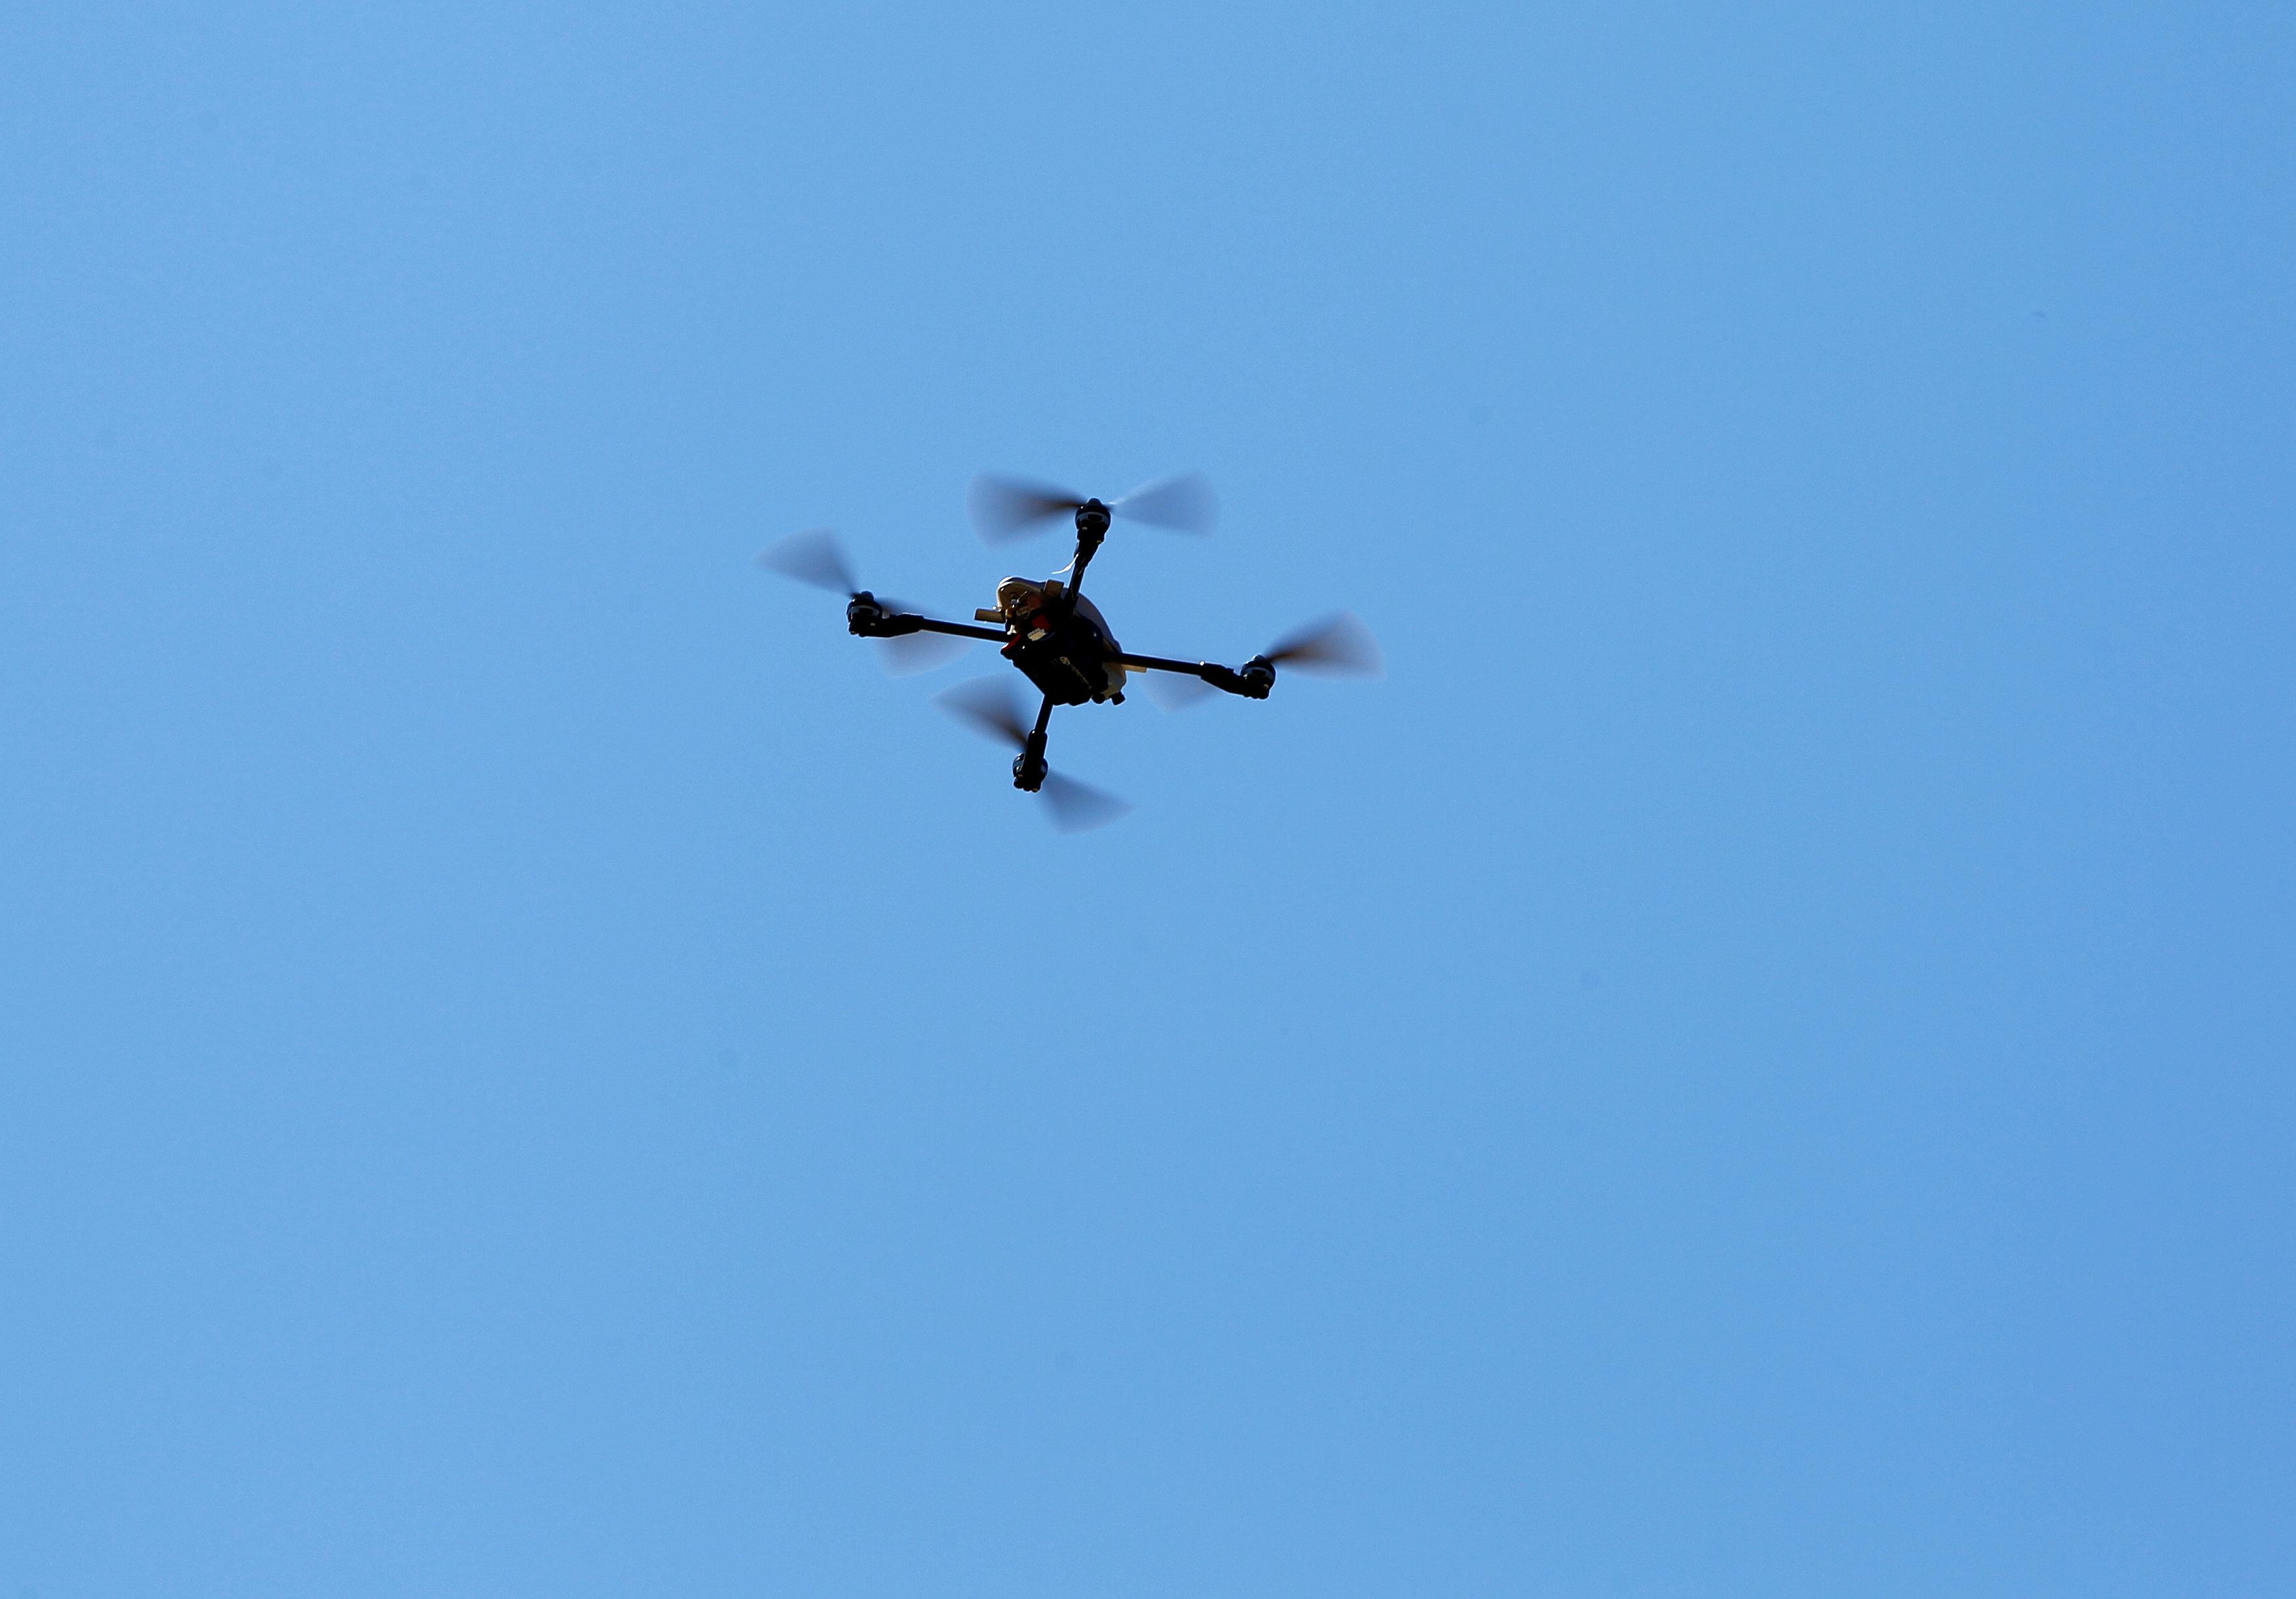 Μάνα εξ ουρανού! Τρόφιμα και φάρμακα με drone σε ευπαθείς ομάδες